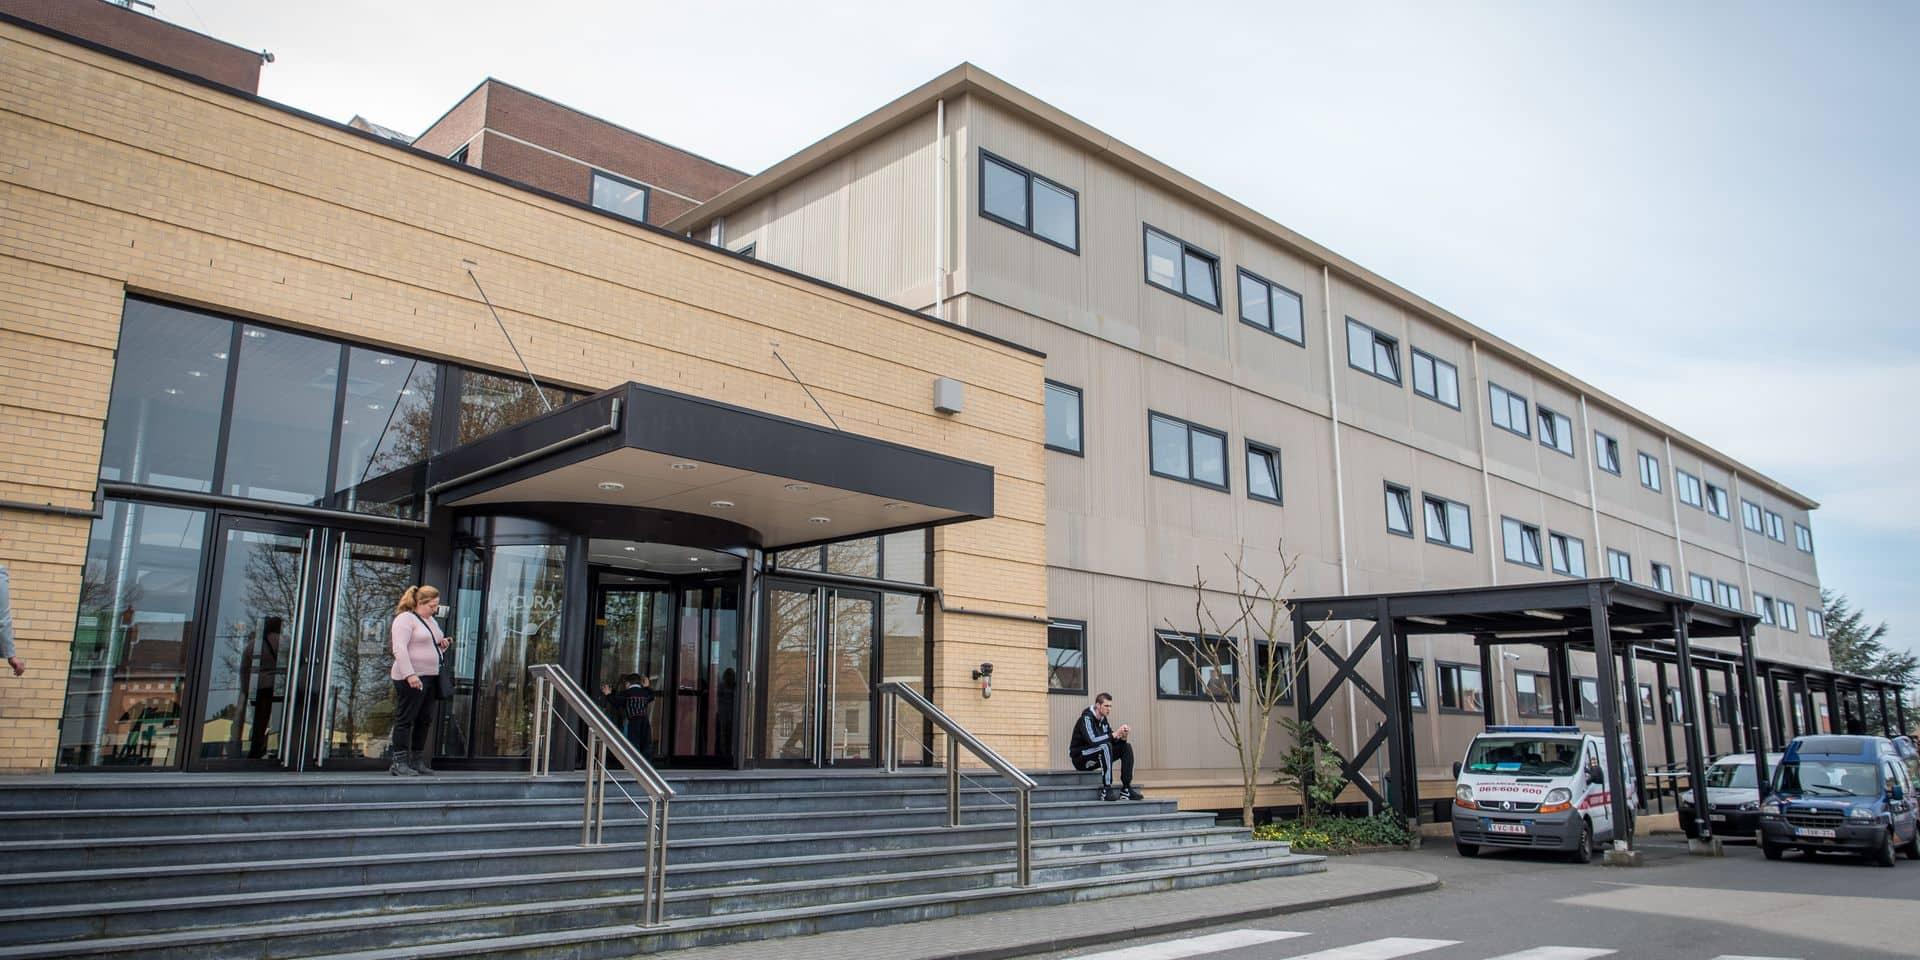 Trois femmes masquées repérées près de l'hôpital Epicura : la police fait une découverte surprenante